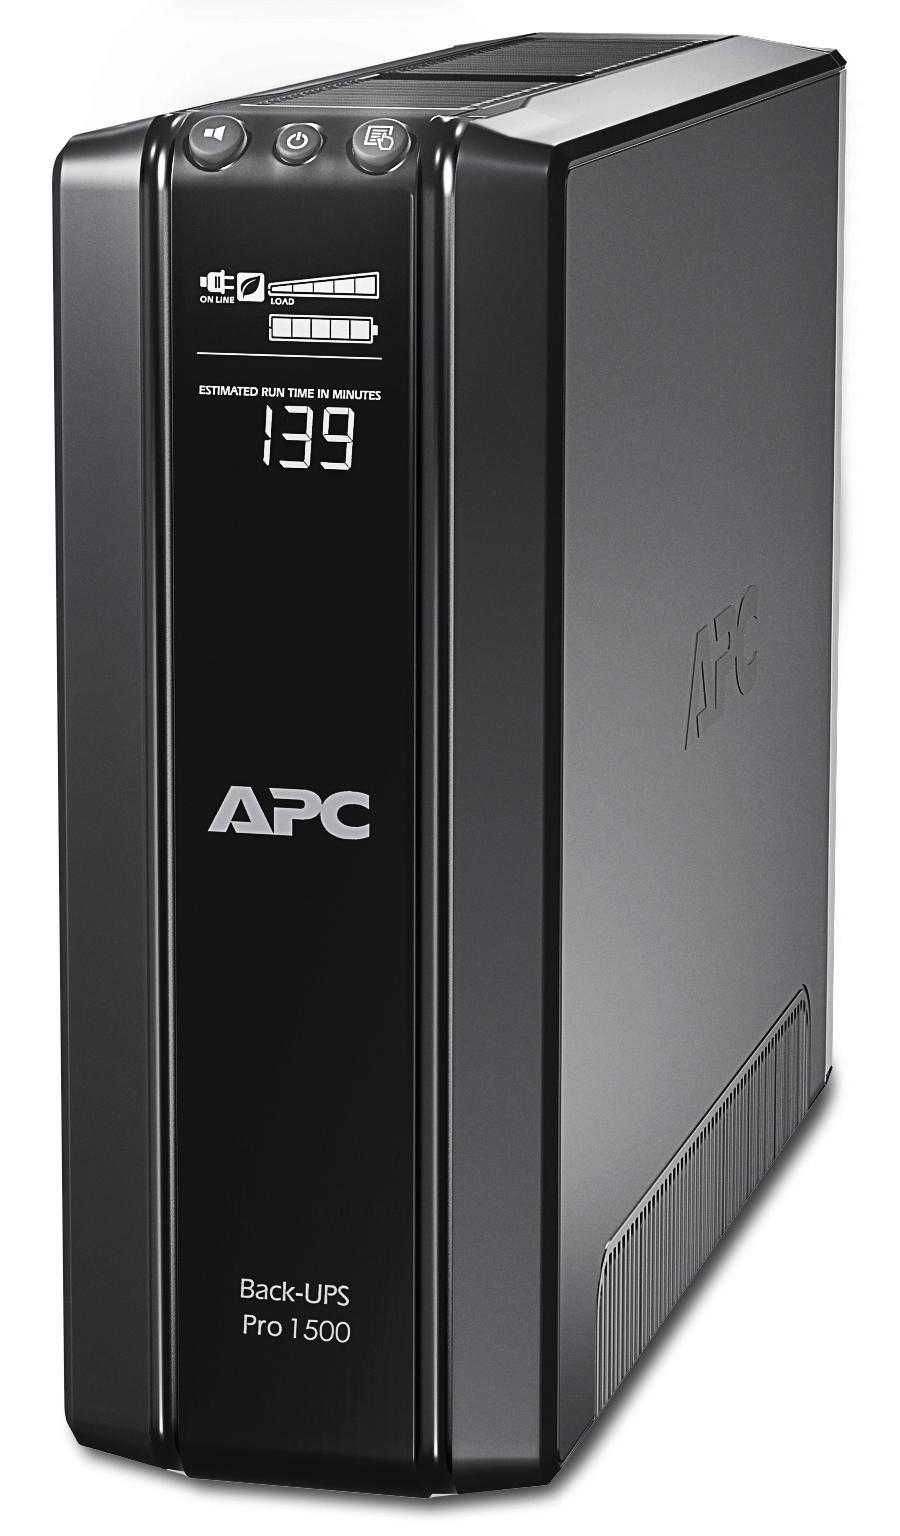 APC Back-UPS Pro sistema de alimentación ininterrumpida (UPS) Línea interactiva 1500 VA 865 W 10 salidas AC